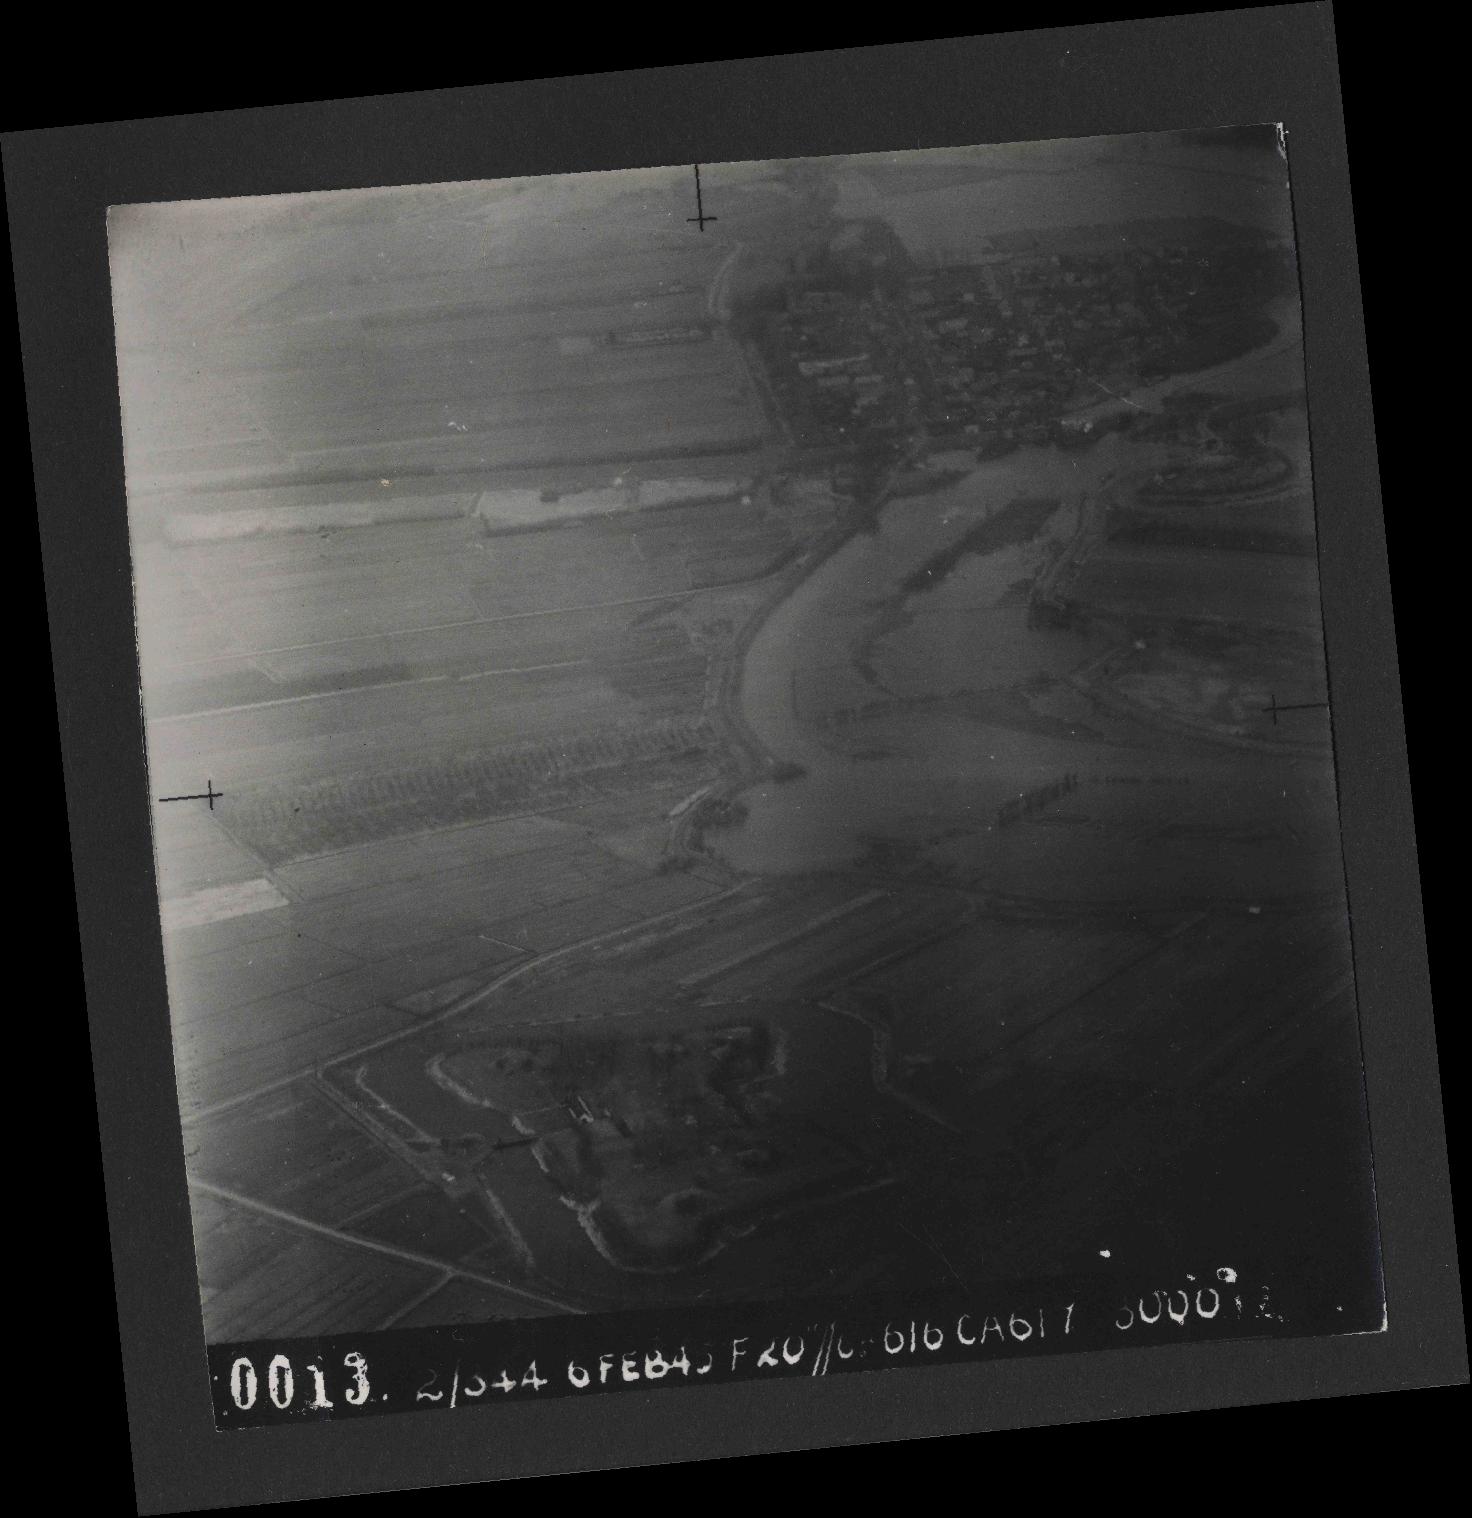 Collection RAF aerial photos 1940-1945 - flight 532, run 01, photo 0013